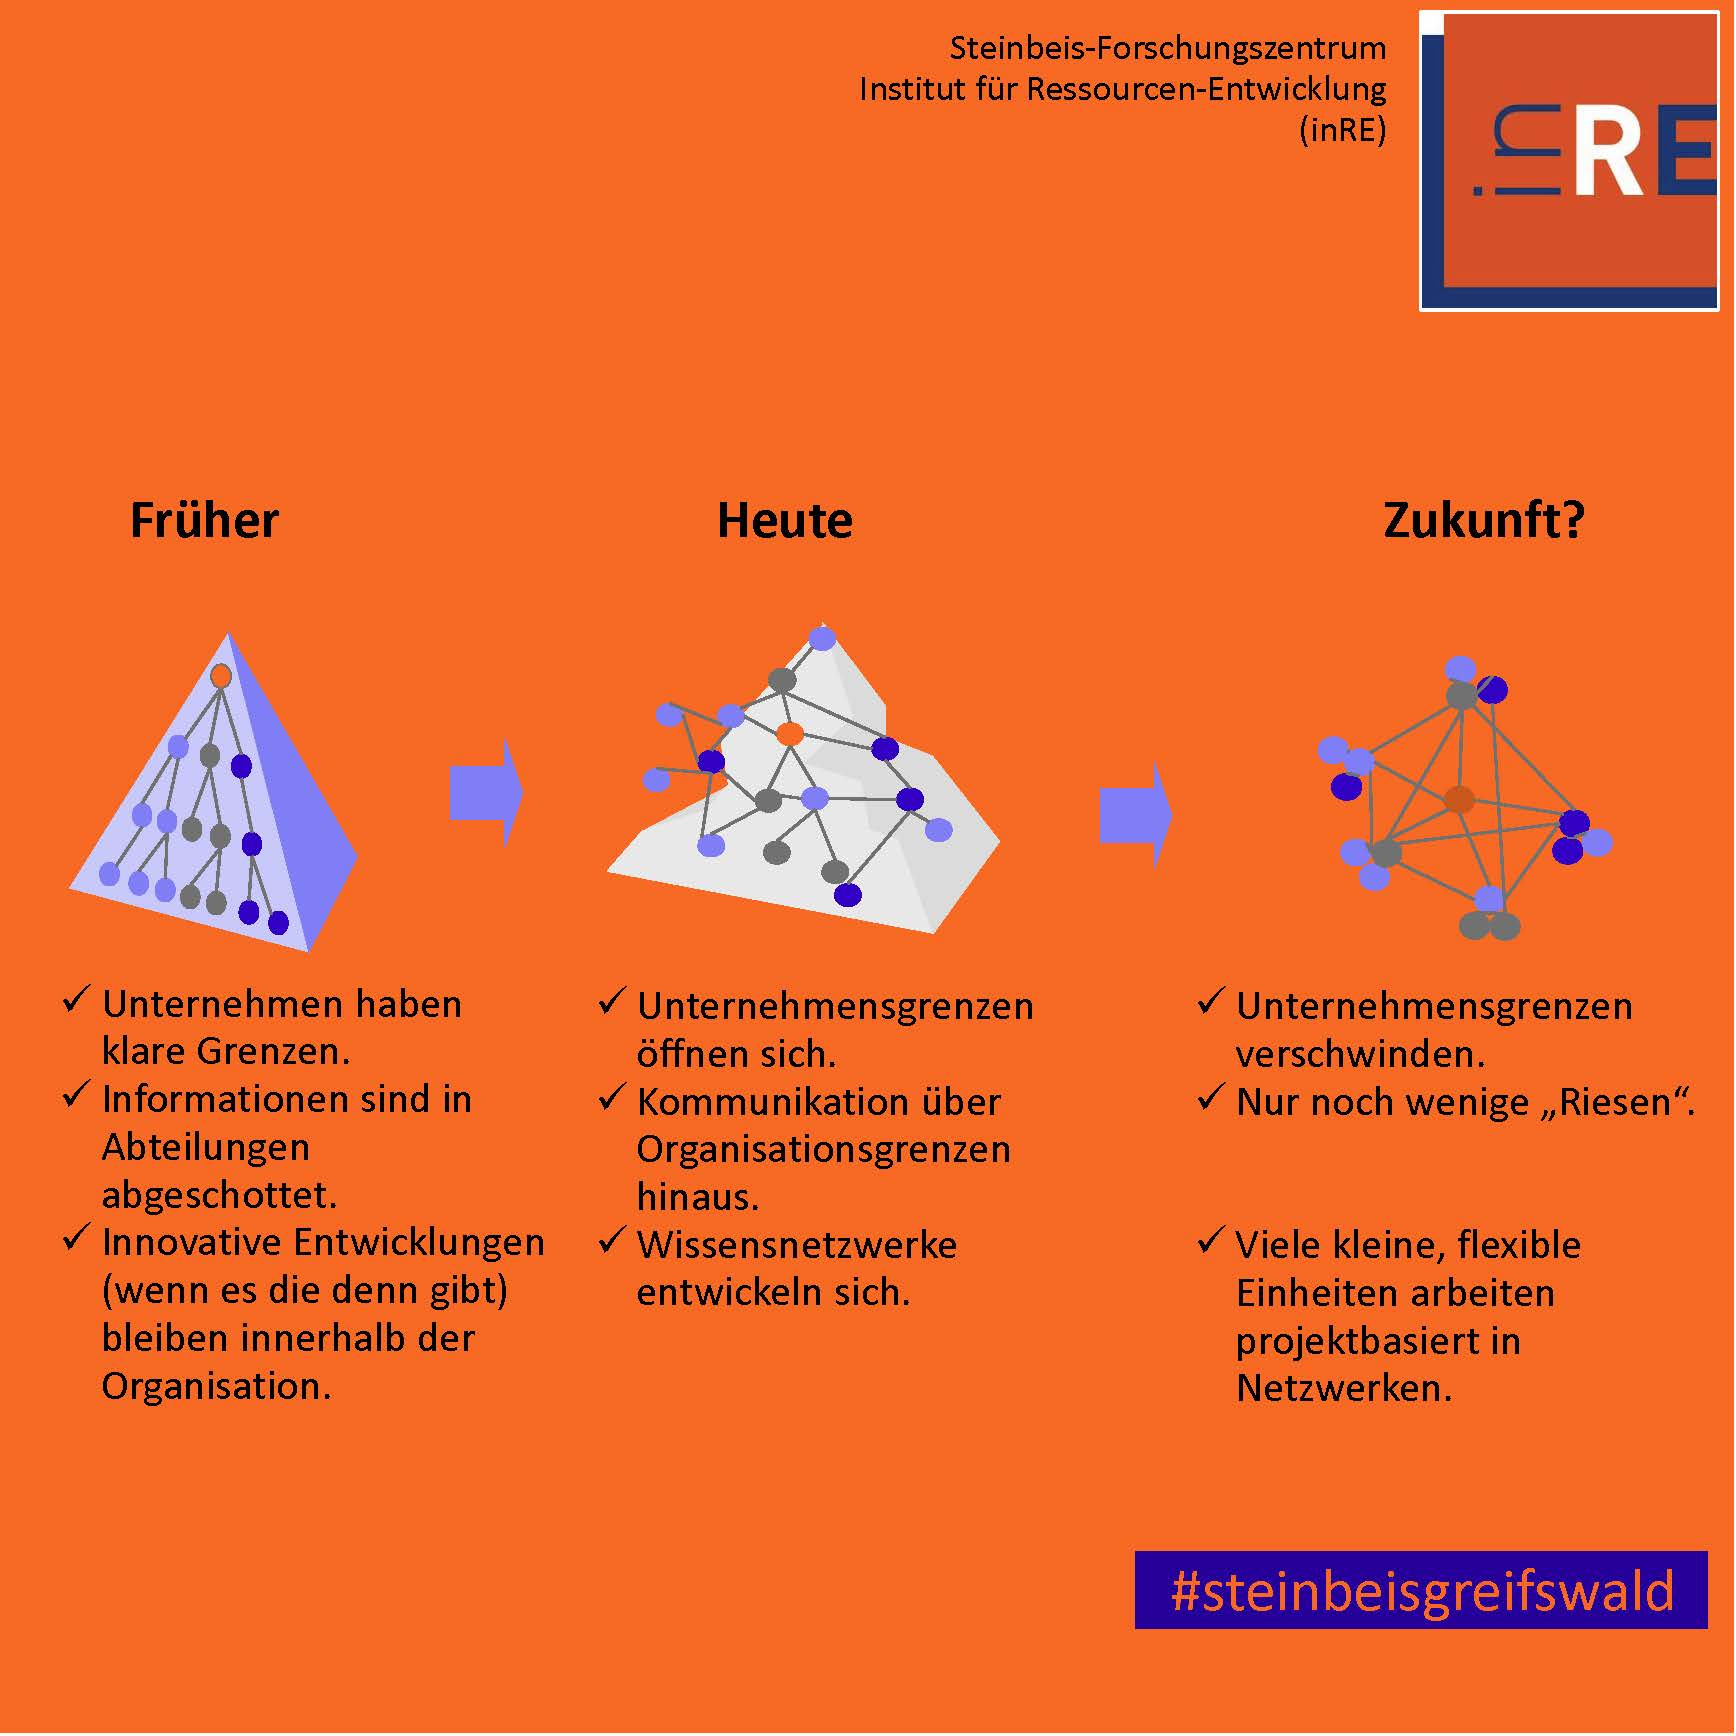 von Hierarchie zum projektbasierten Netzwerk